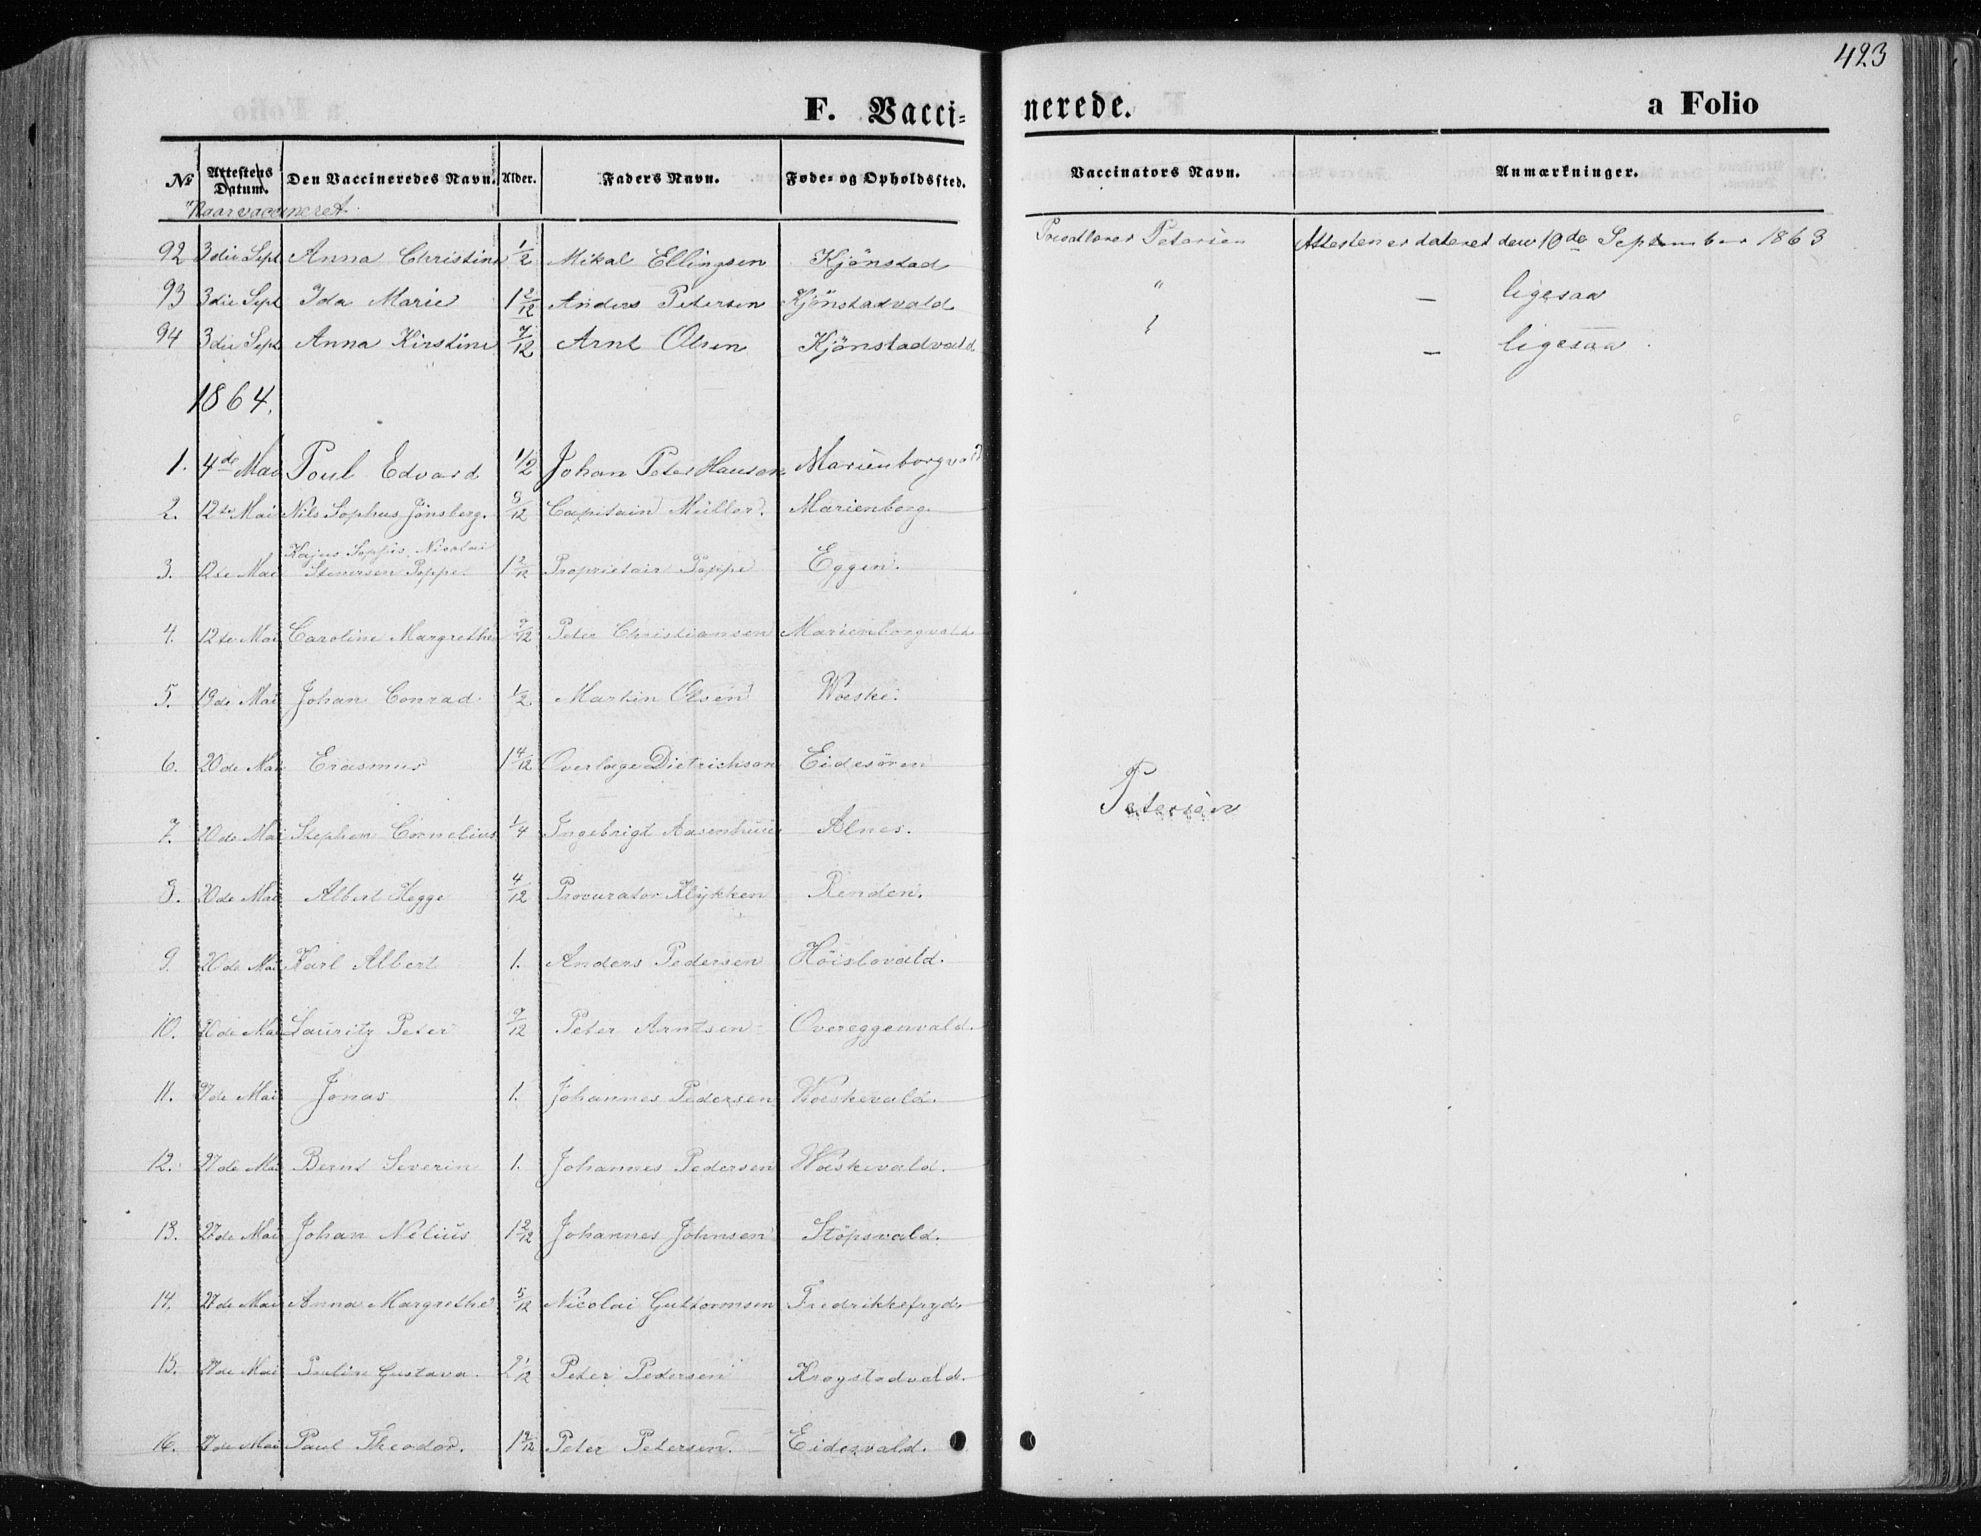 SAT, Ministerialprotokoller, klokkerbøker og fødselsregistre - Nord-Trøndelag, 717/L0157: Ministerialbok nr. 717A08 /1, 1863-1877, s. 423